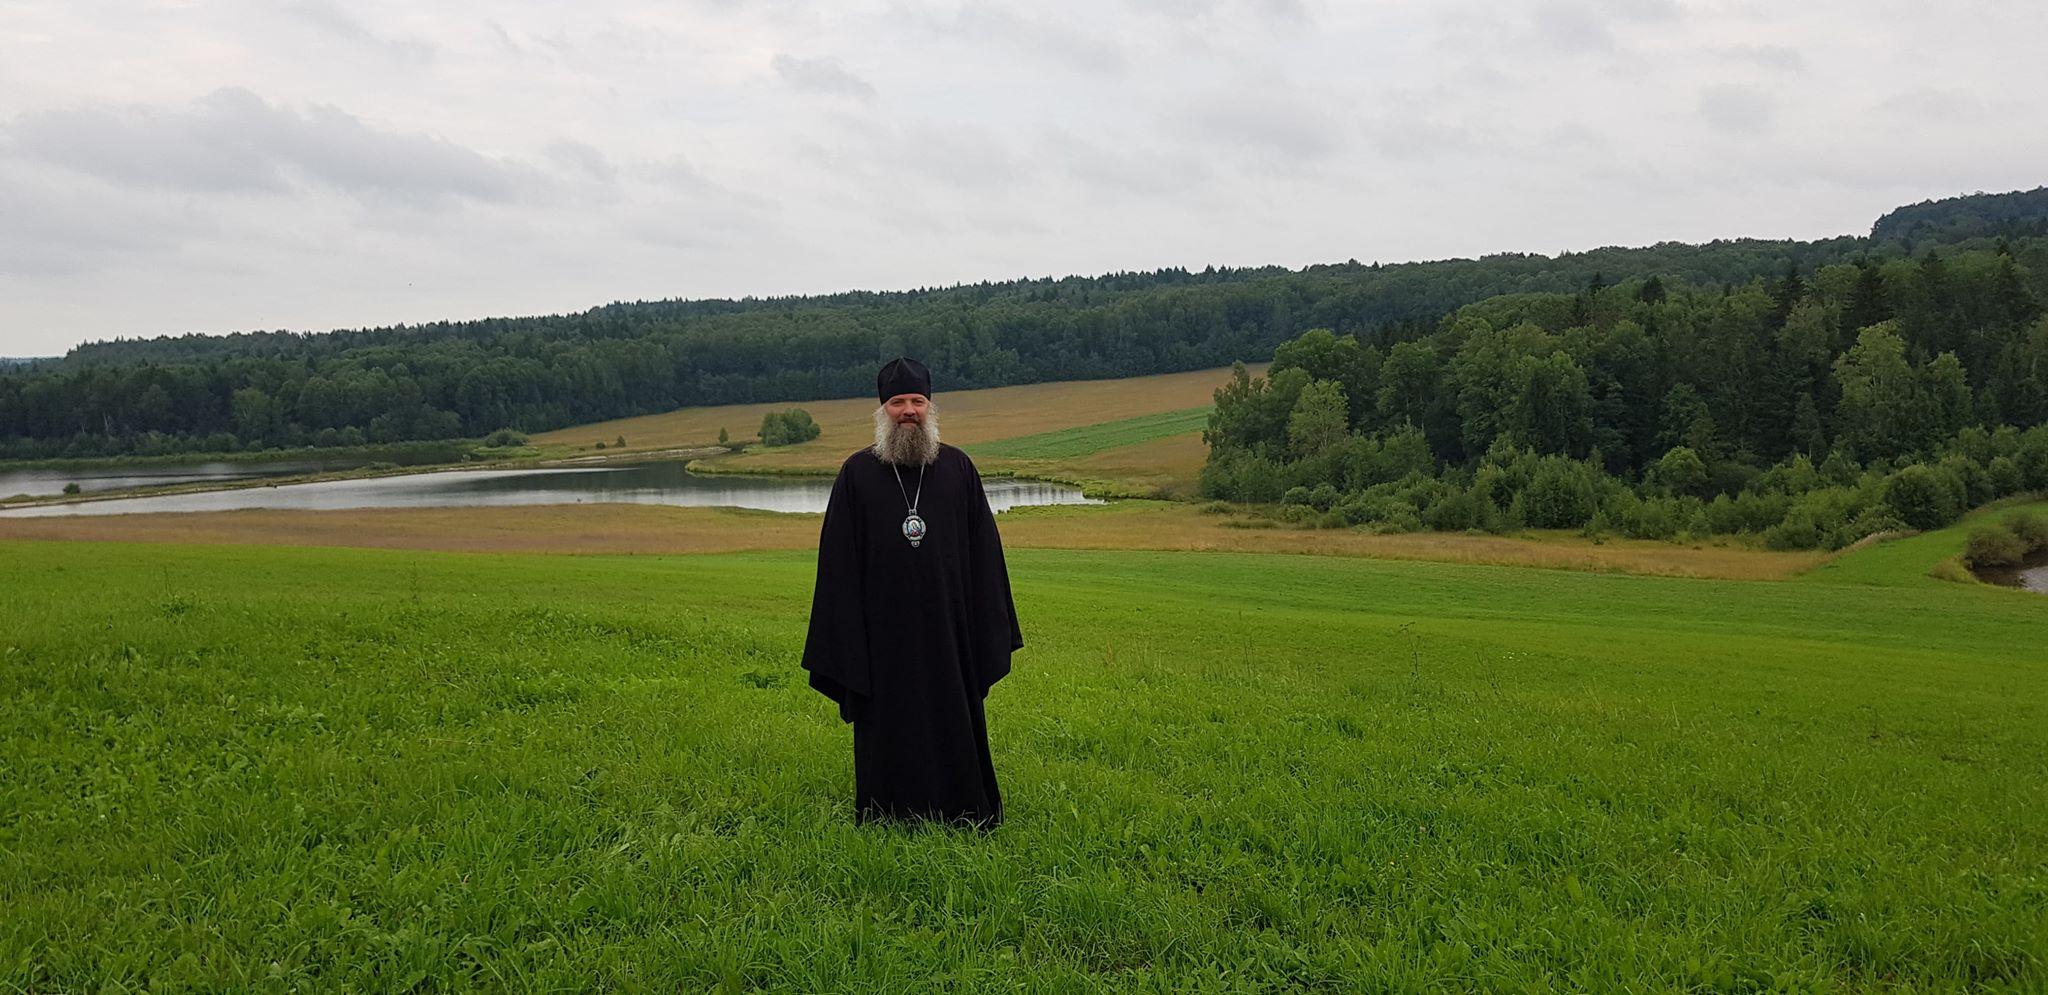 Епископ Питирим совершил Божественную литургию на подворье Хотьковского монастыря